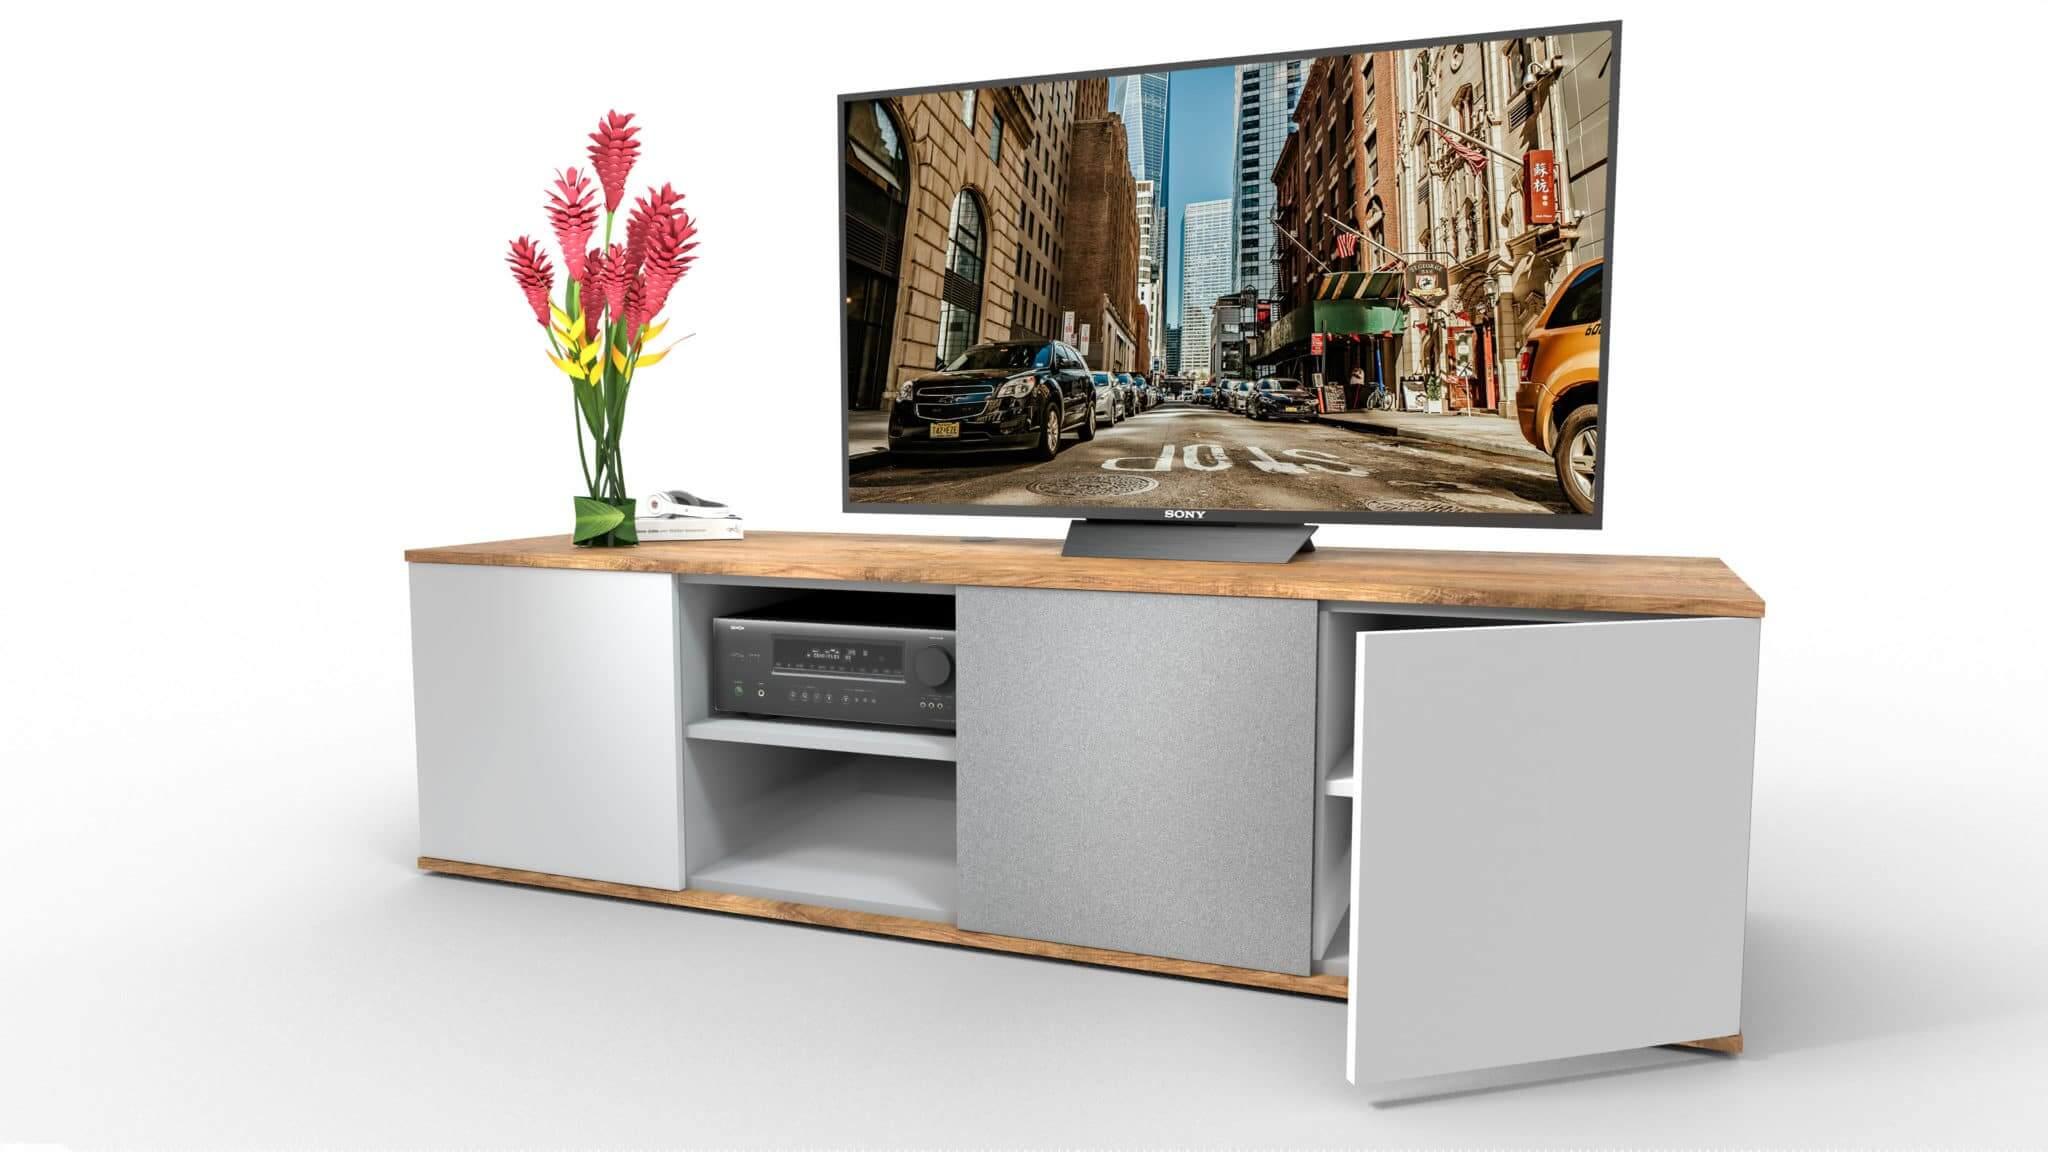 emondo Style thuis-bioscoop meubel met klep voorzien van luidsprekerdoek